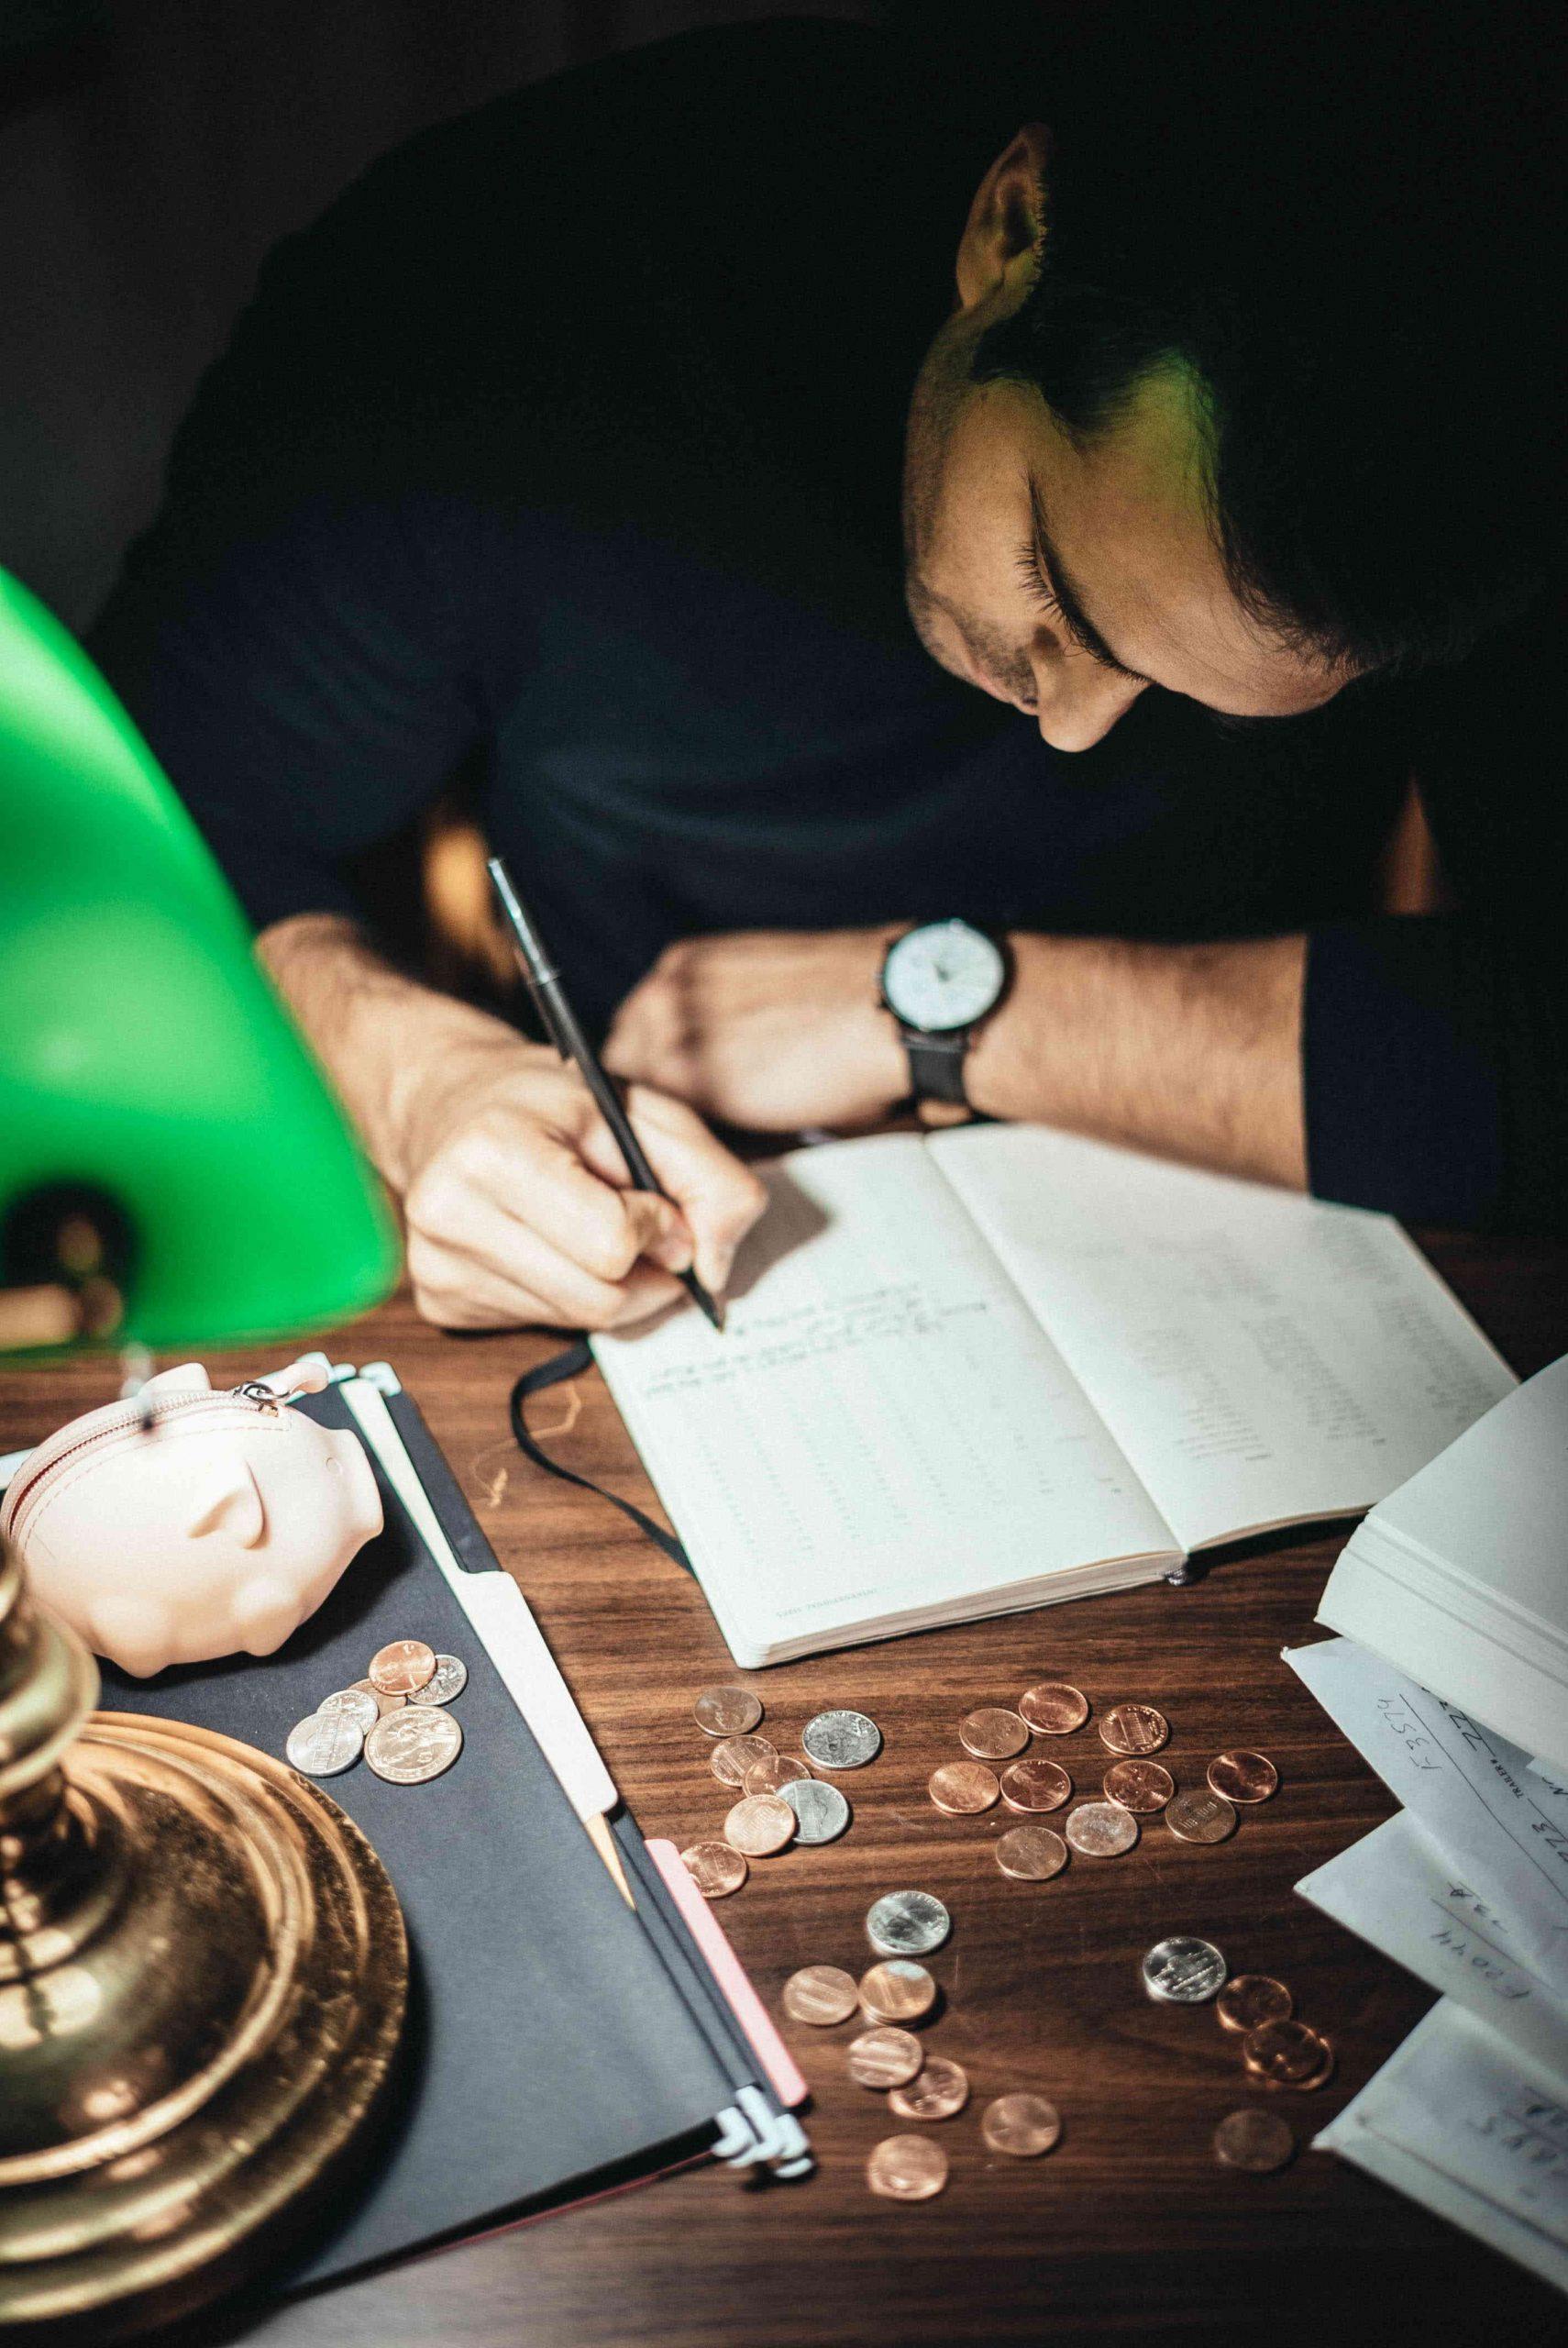 Mężczyzna przy biurku stara się rozwiązać problemy finansowe